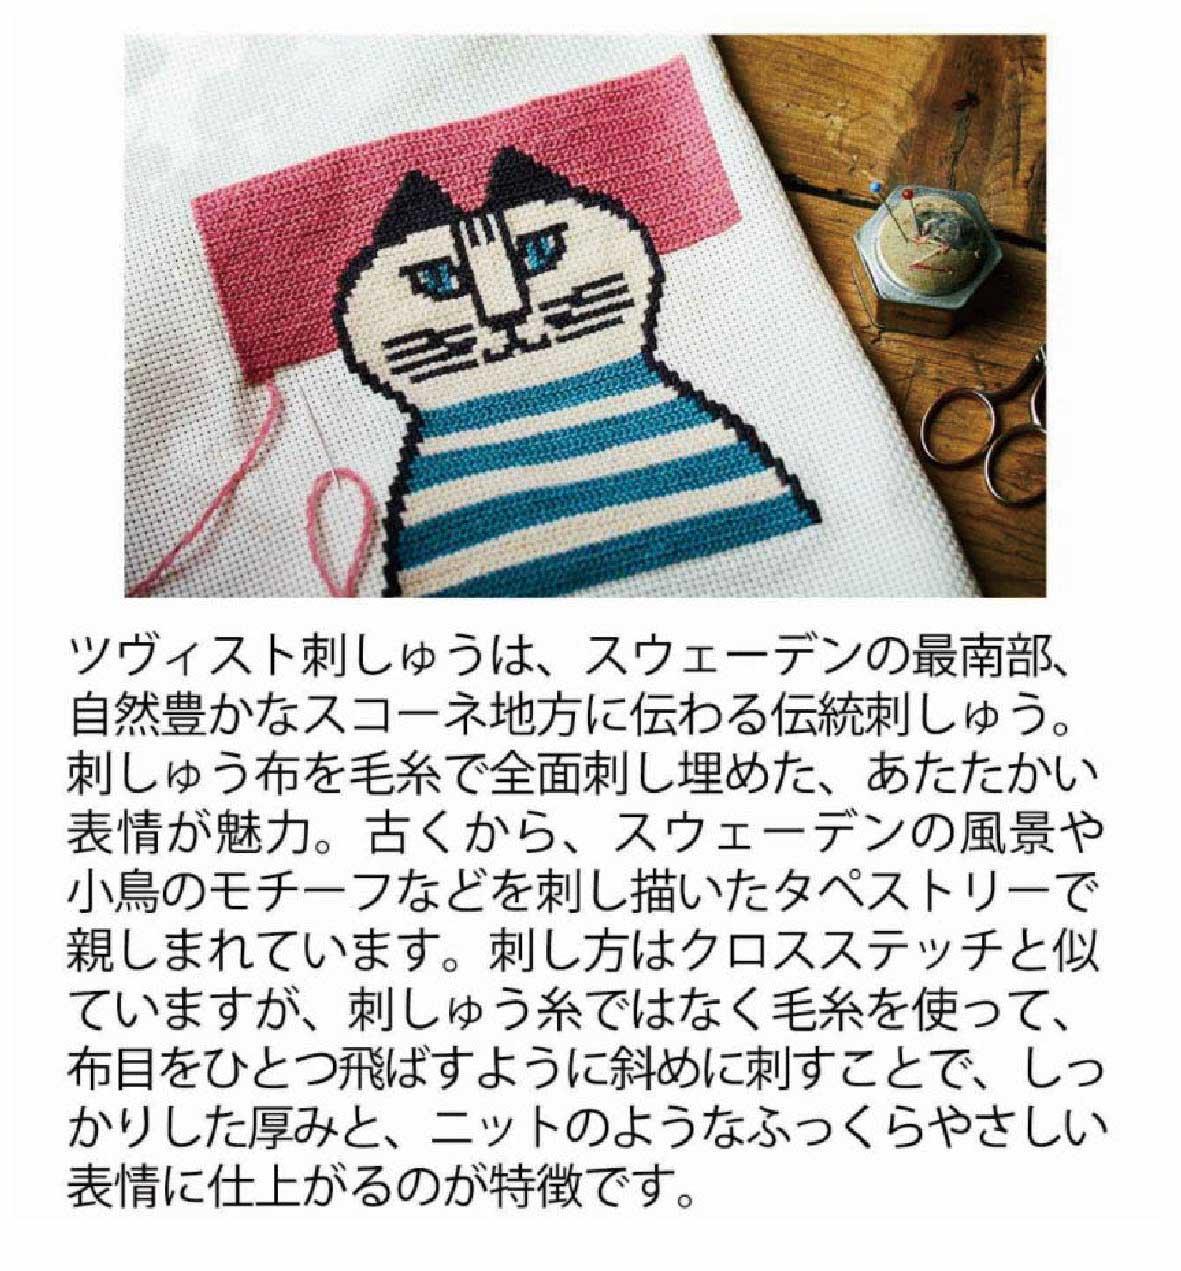 【TK】【11月中旬以降順次出荷予定】ツヴィスト刺しゅうのキャラクタータペストリーキット(ルドルフ)